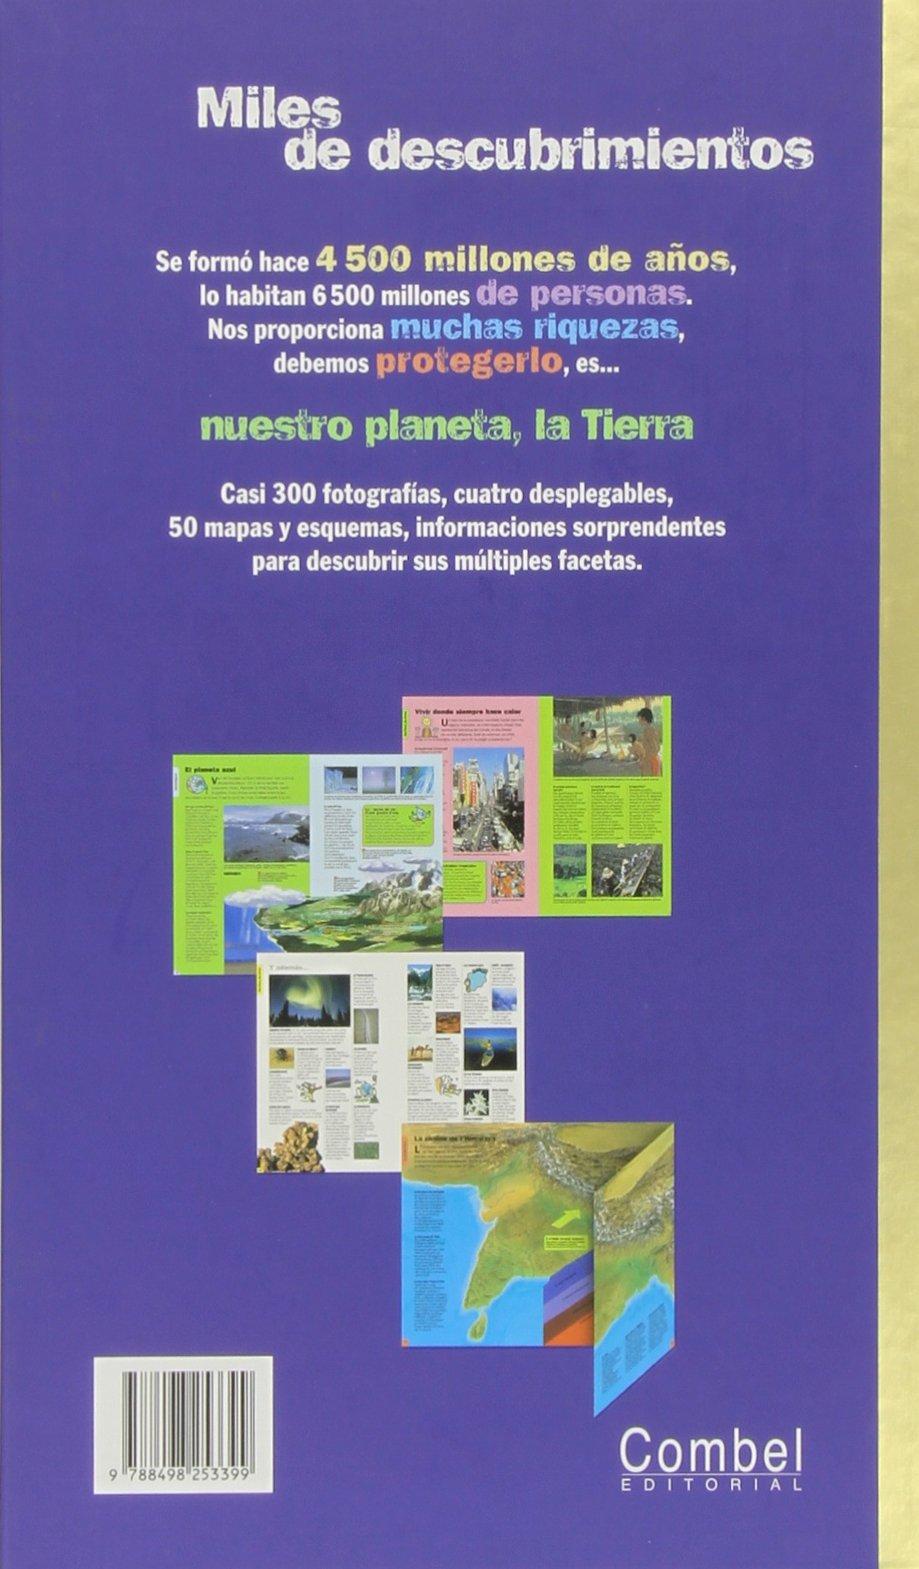 Nuestro planeta, la Tierra (Combel DOC) (Spanish Edition)